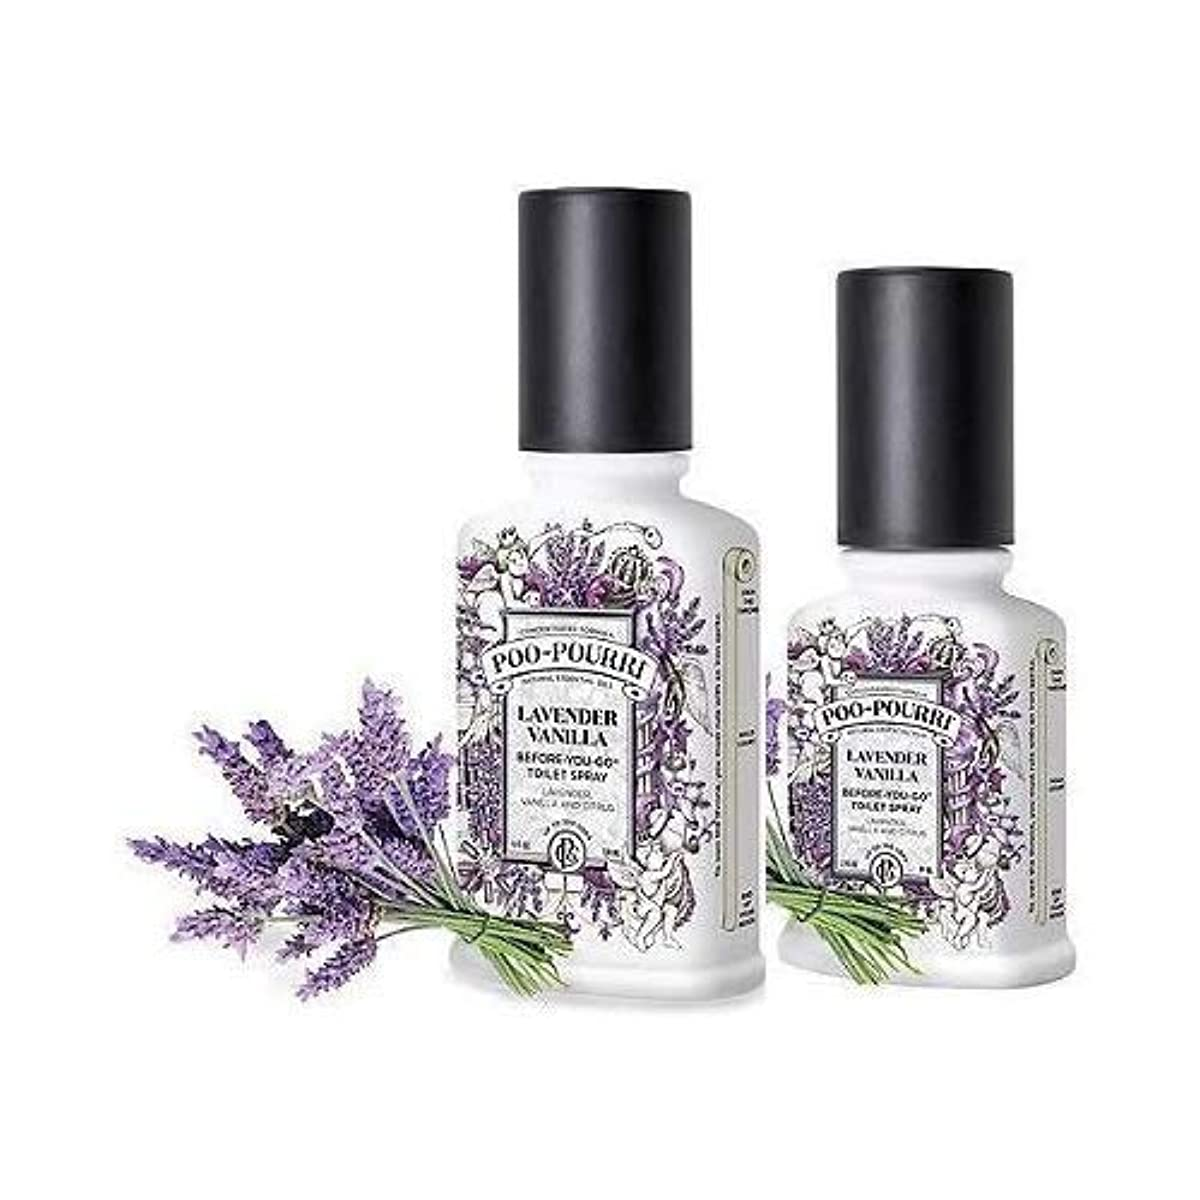 ポスト印象派潜水艦スカウト(Lavender Vanilla) - Poo-Pourri Preventive Bathroom Odour Spray 2-Piece Set, Includes 60ml and 120ml Bottle, Lavender...